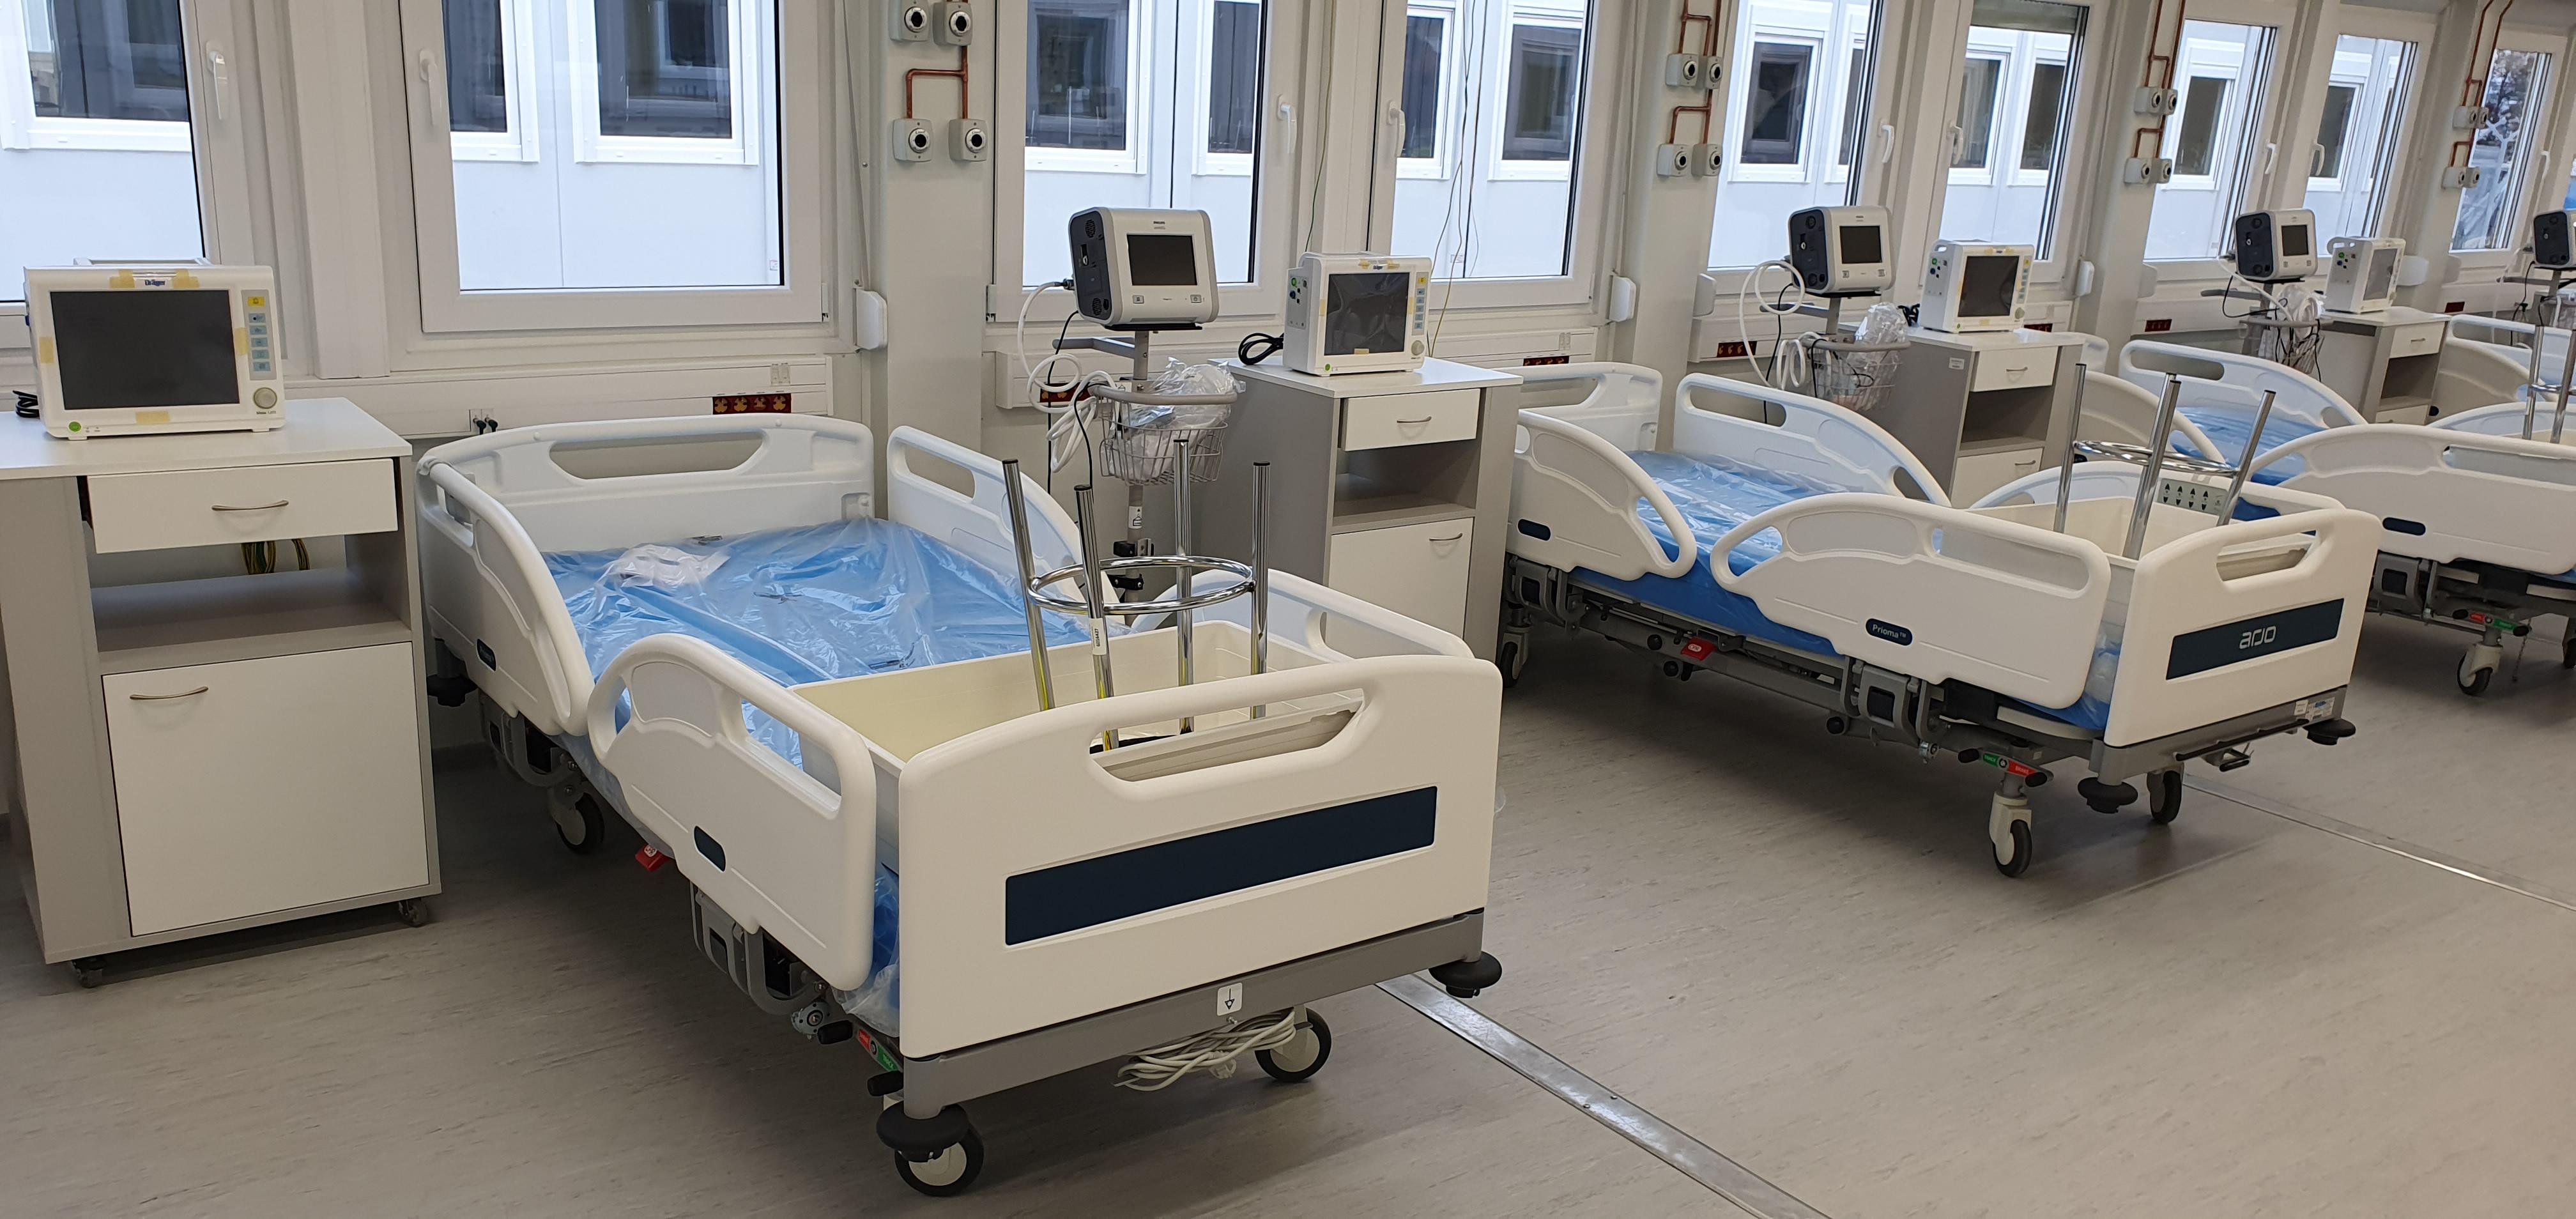 Jeden pacjent w szpitalu tymczasowym. 55 łóżek w gotowości  - Zdjęcie główne